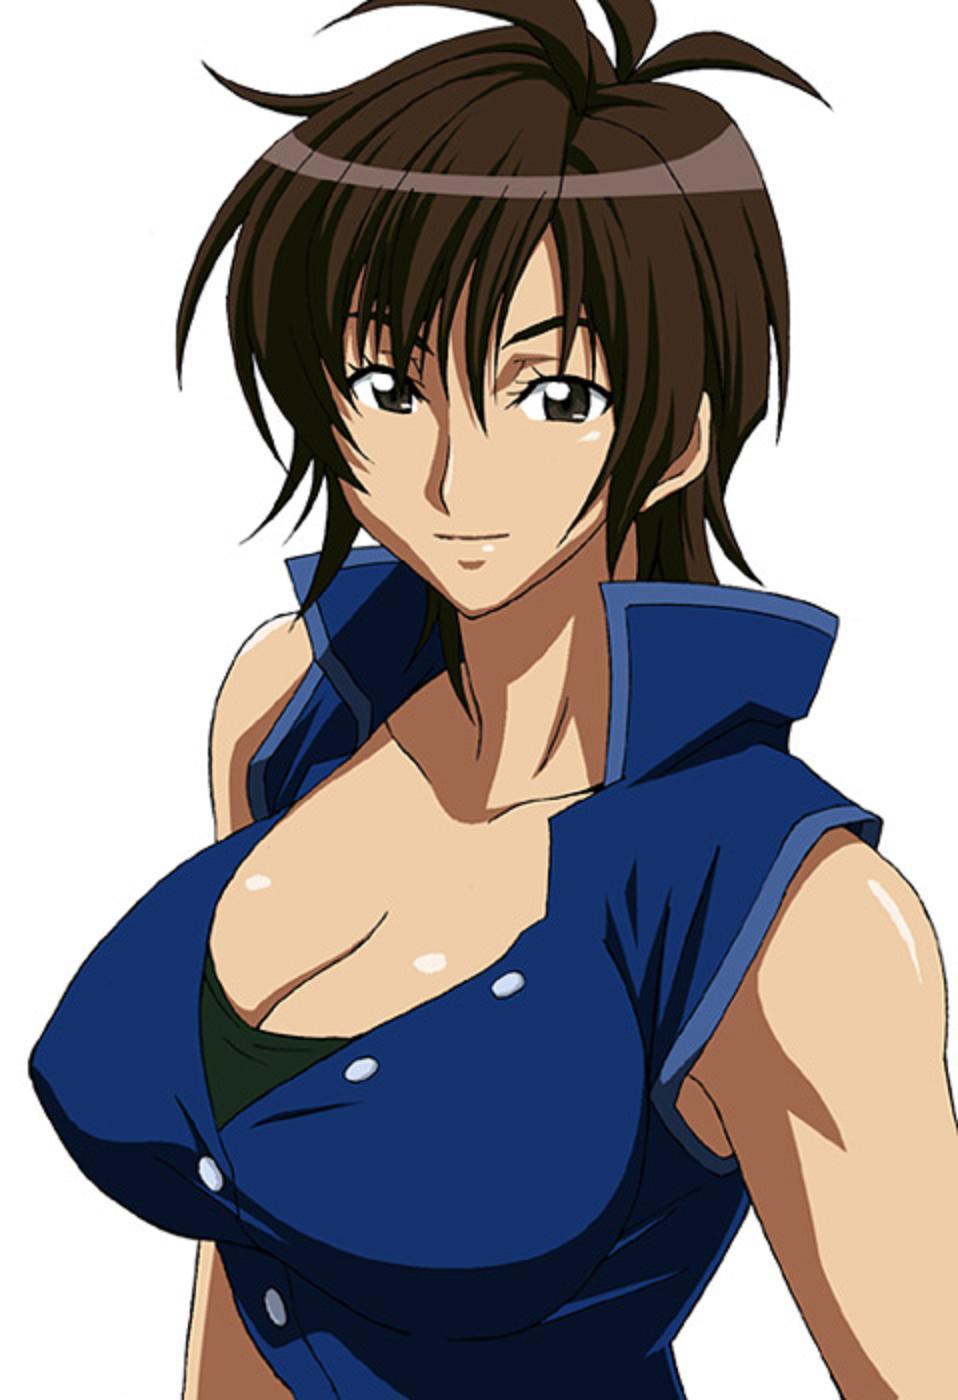 Amaha Masane - Witchblade - Image #307369 - Zerochan Anime Image Board